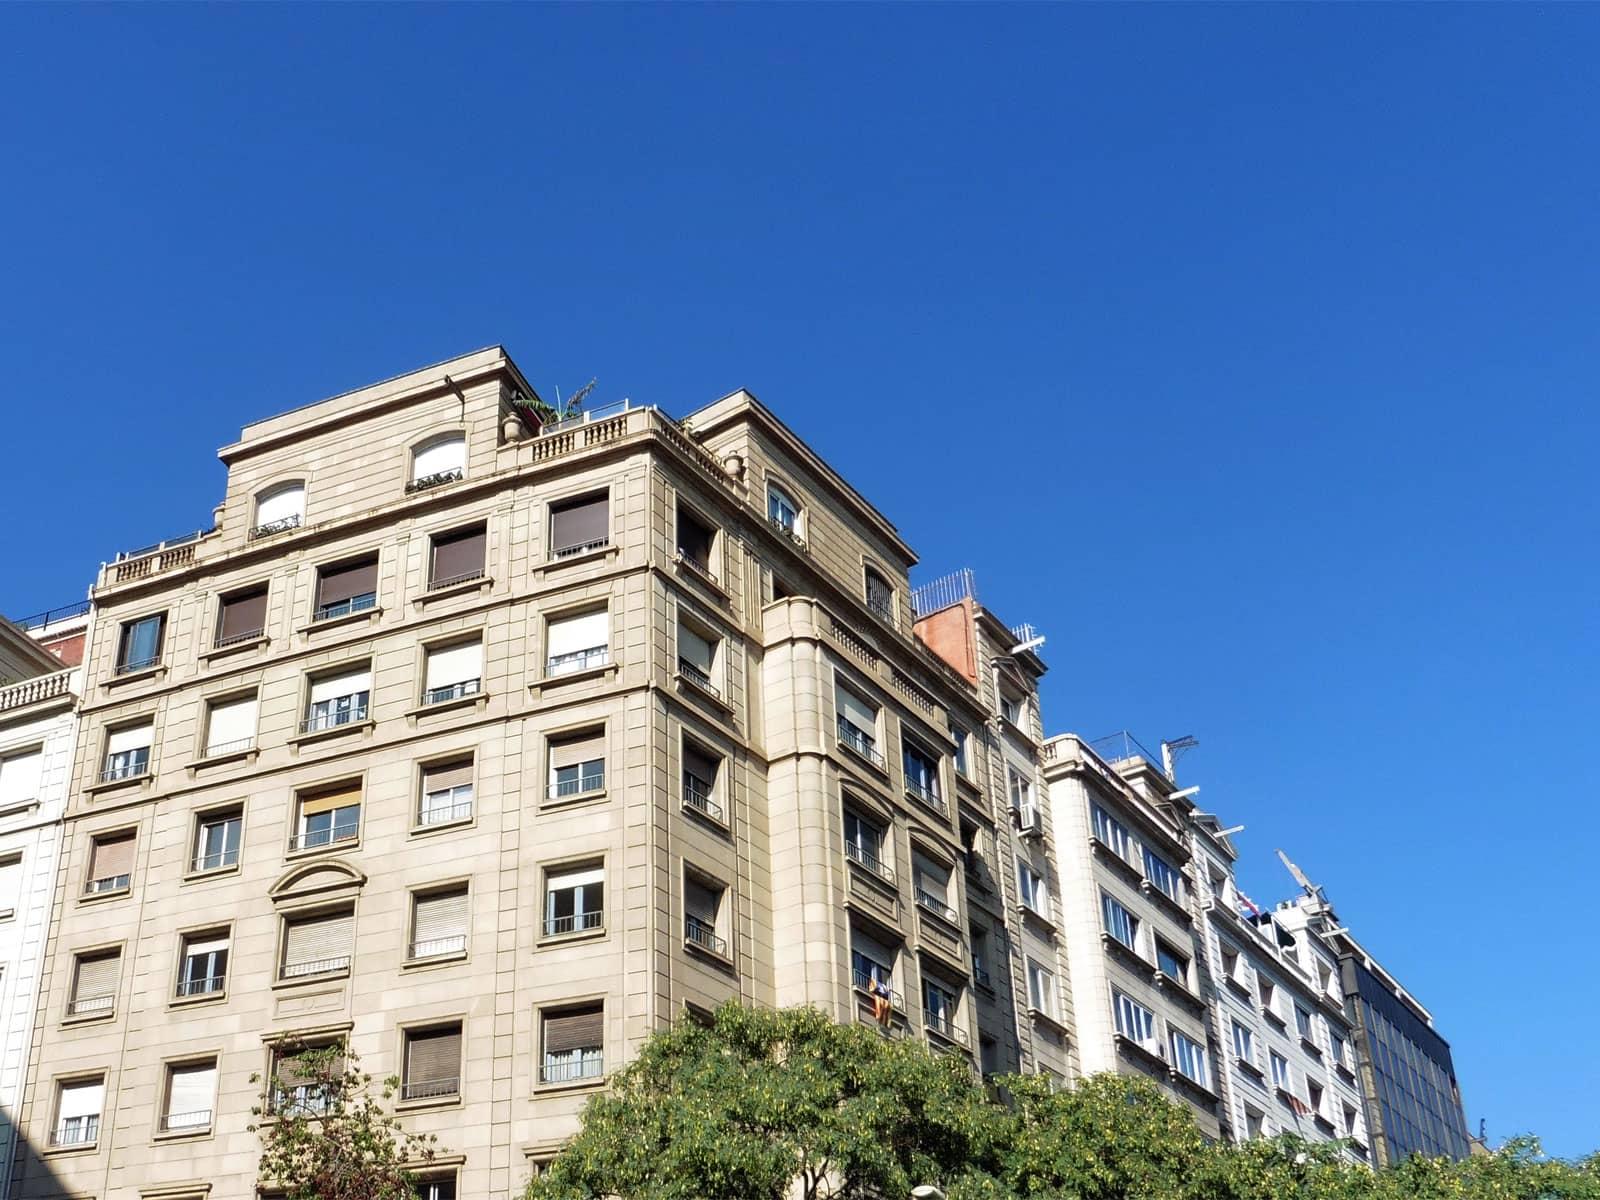 ¿Está pensando en la posibilidad de alquilar un piso de su propiedad?